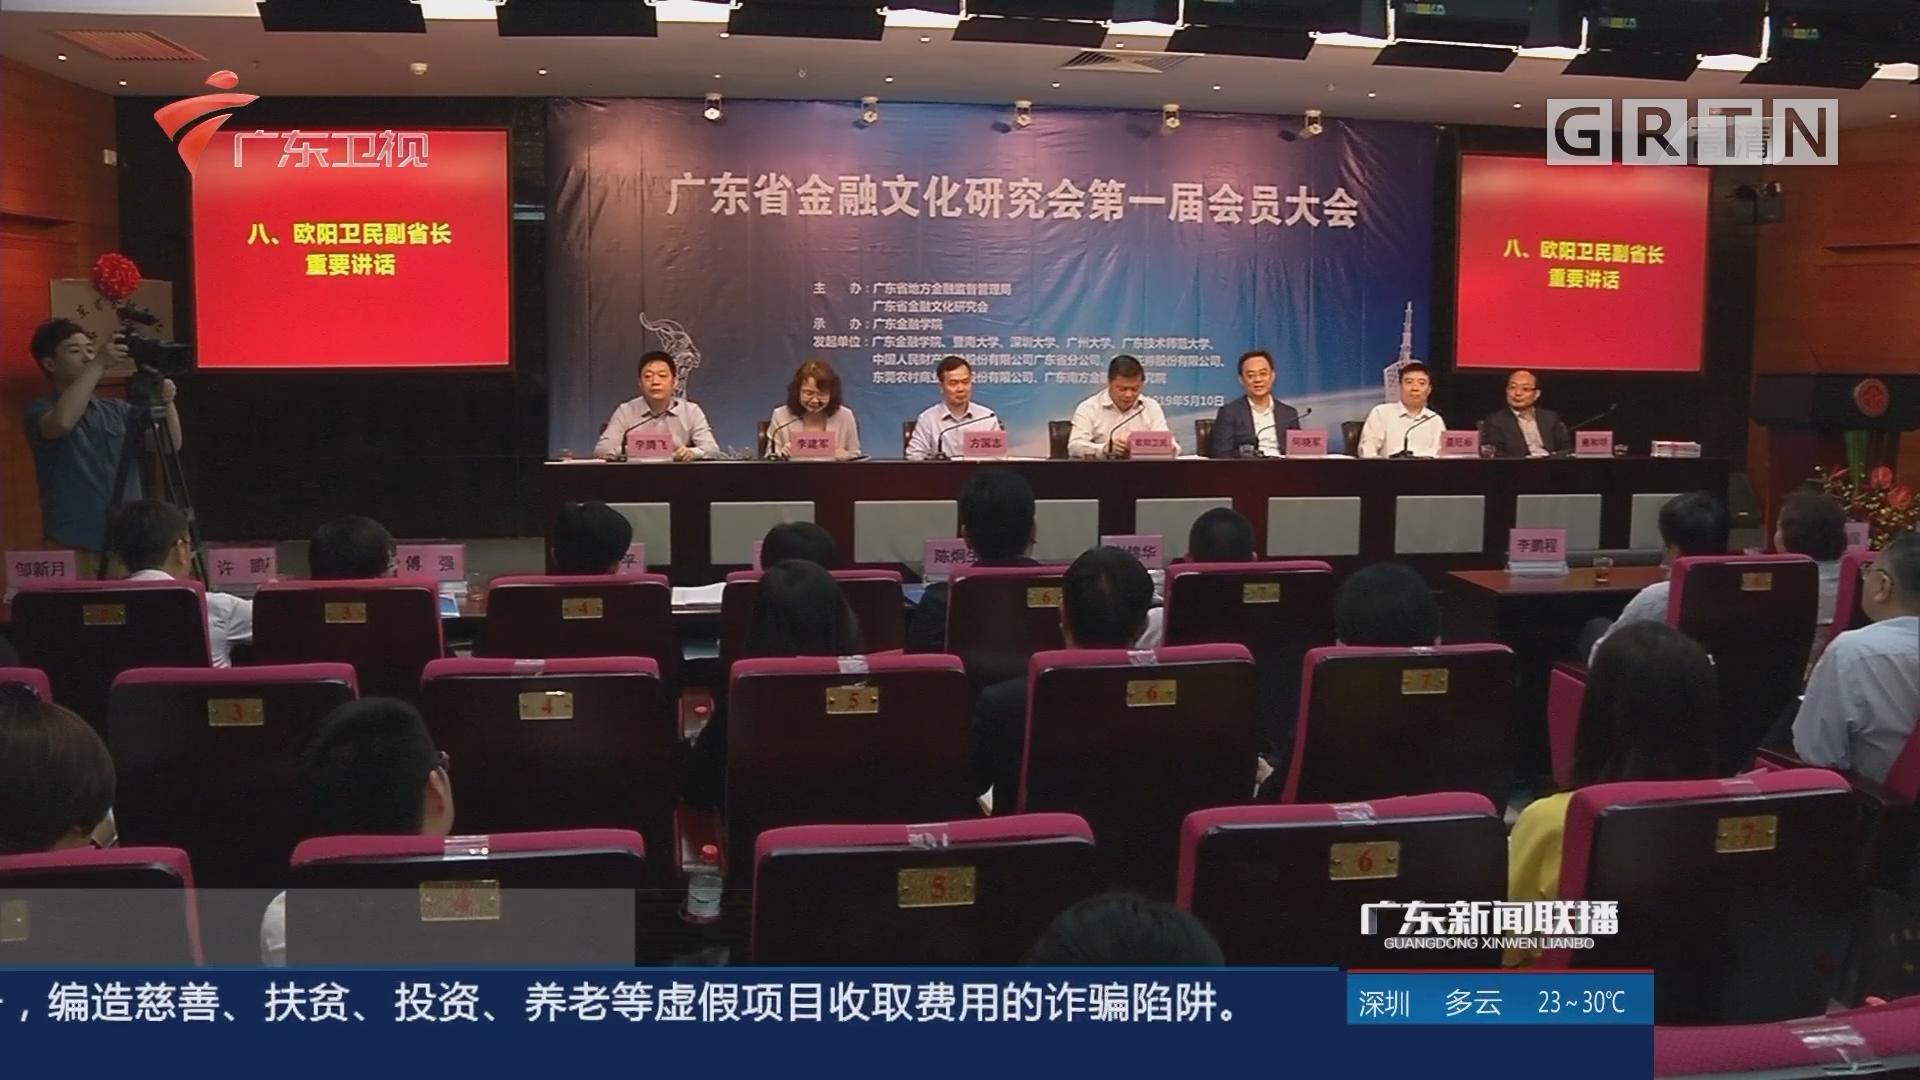 广东:挖掘弘扬优秀金融文化 建设金融强省